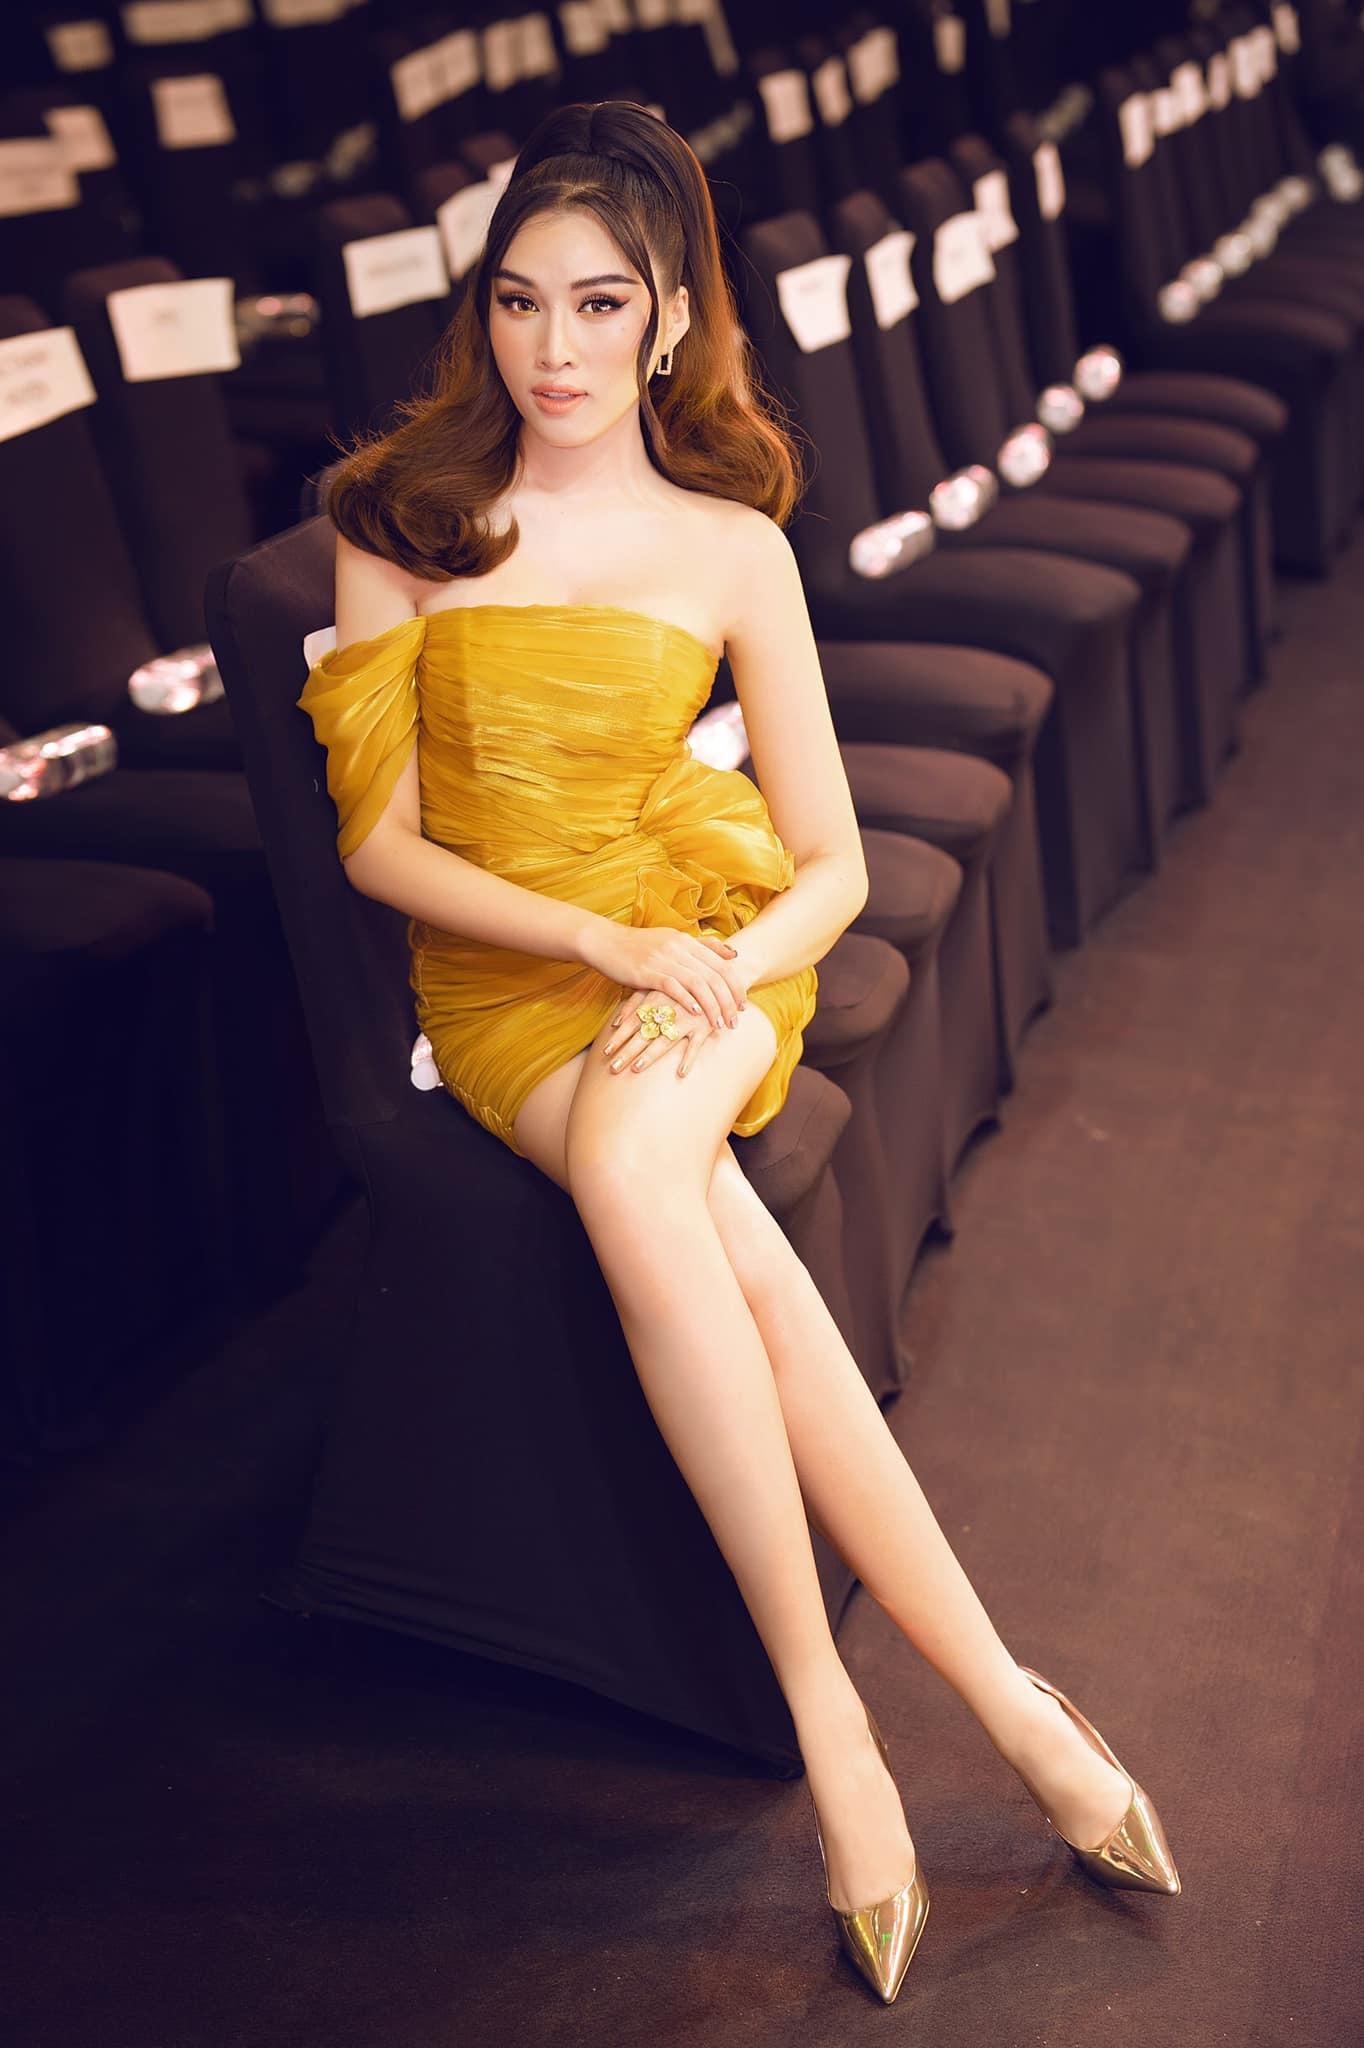 Đời thực gợi cảm của nữ MC VTV sở hữu đôi chân dài 1m1 - 1